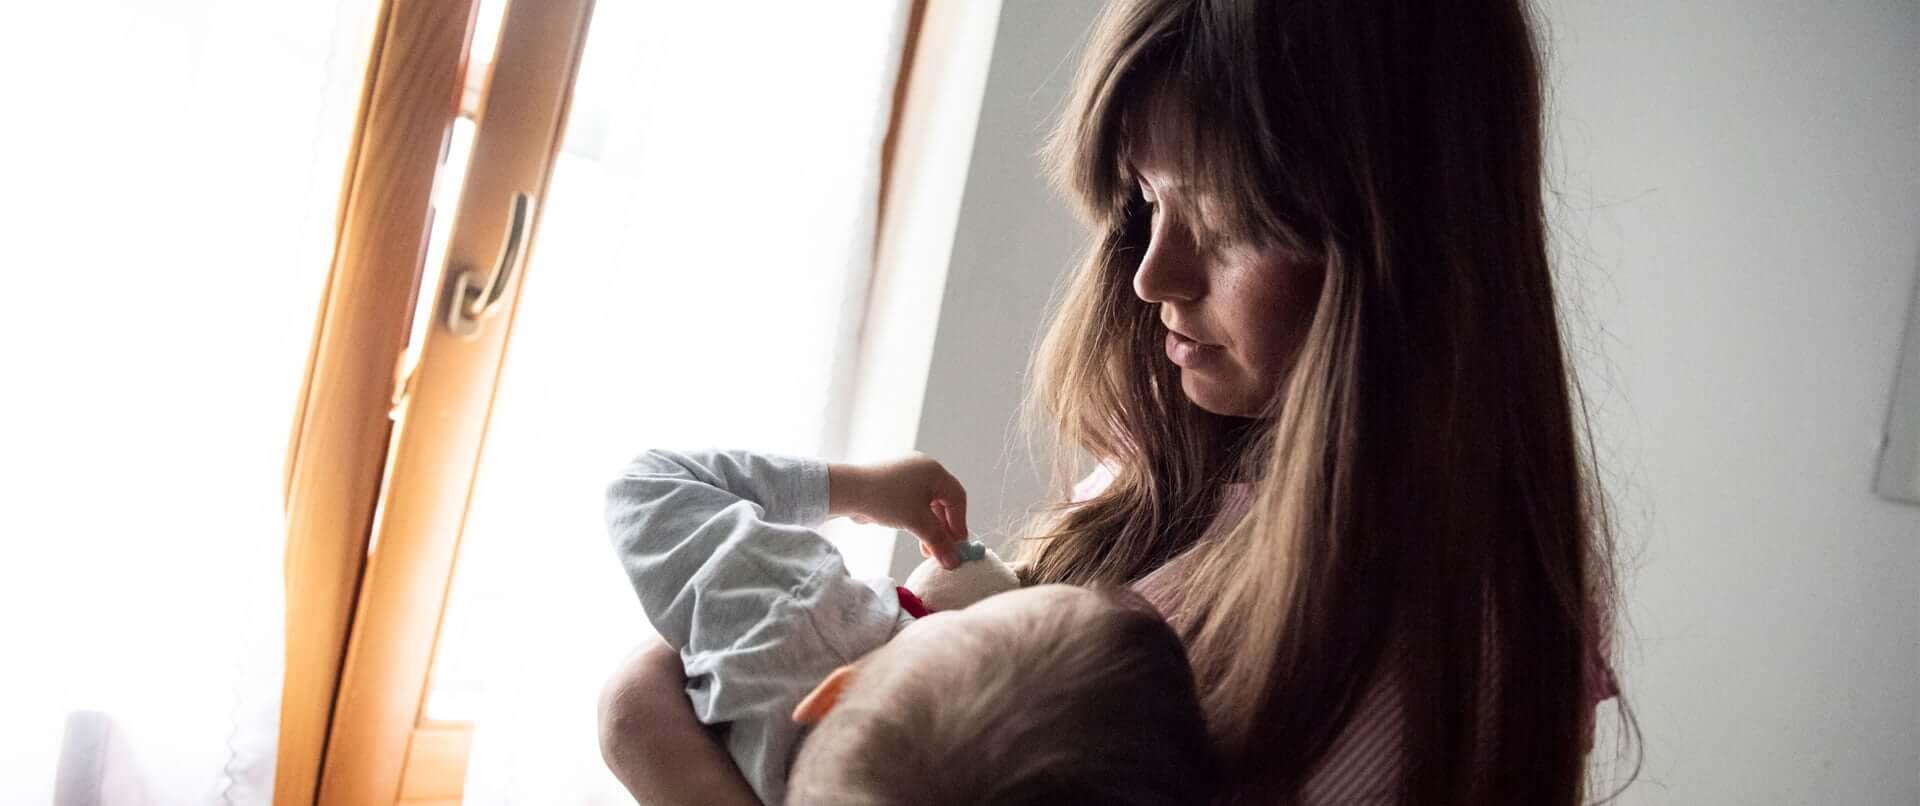 Madre con bambino in braccio